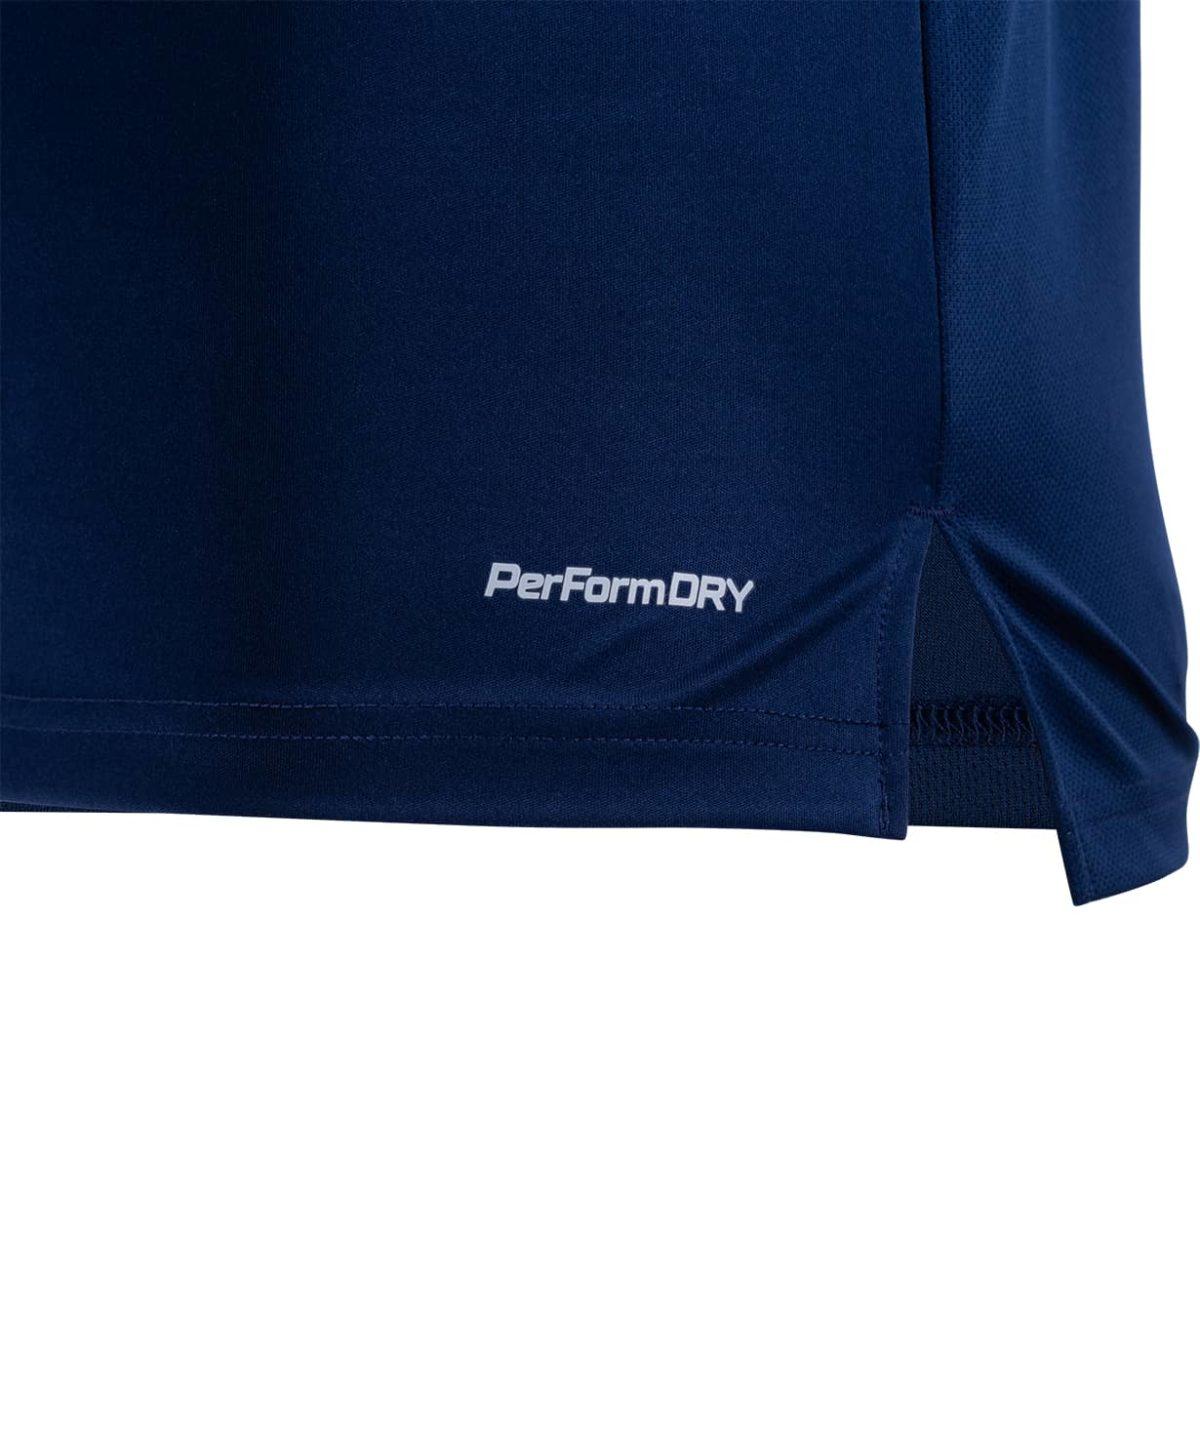 JOGEL DIVISION футболка футбольная детская  Union Jersey: т.синий/синий/белый - 4